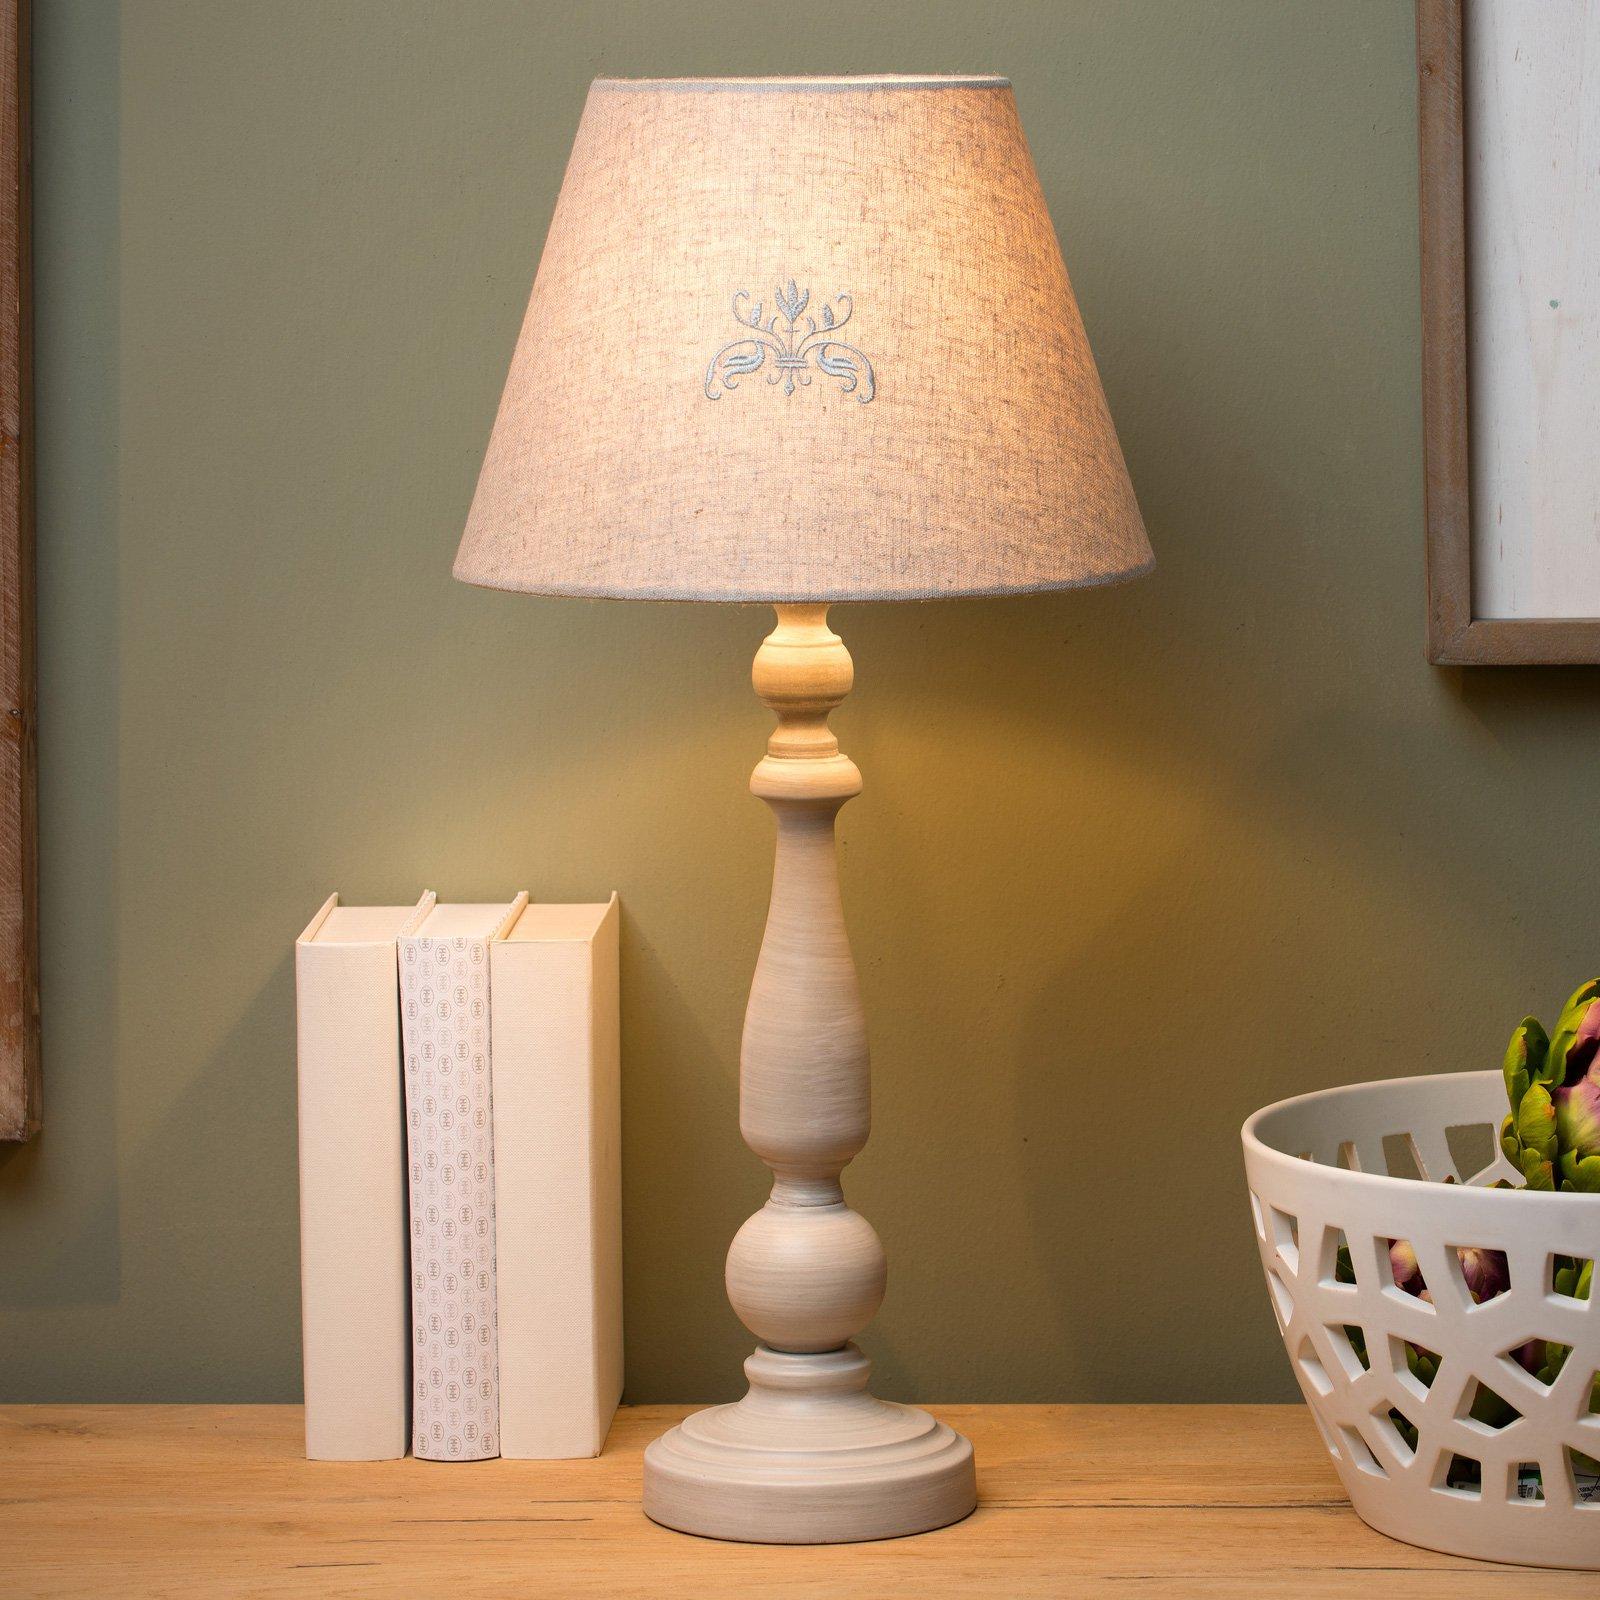 Robin bordlampe, høyde 53,5 cm